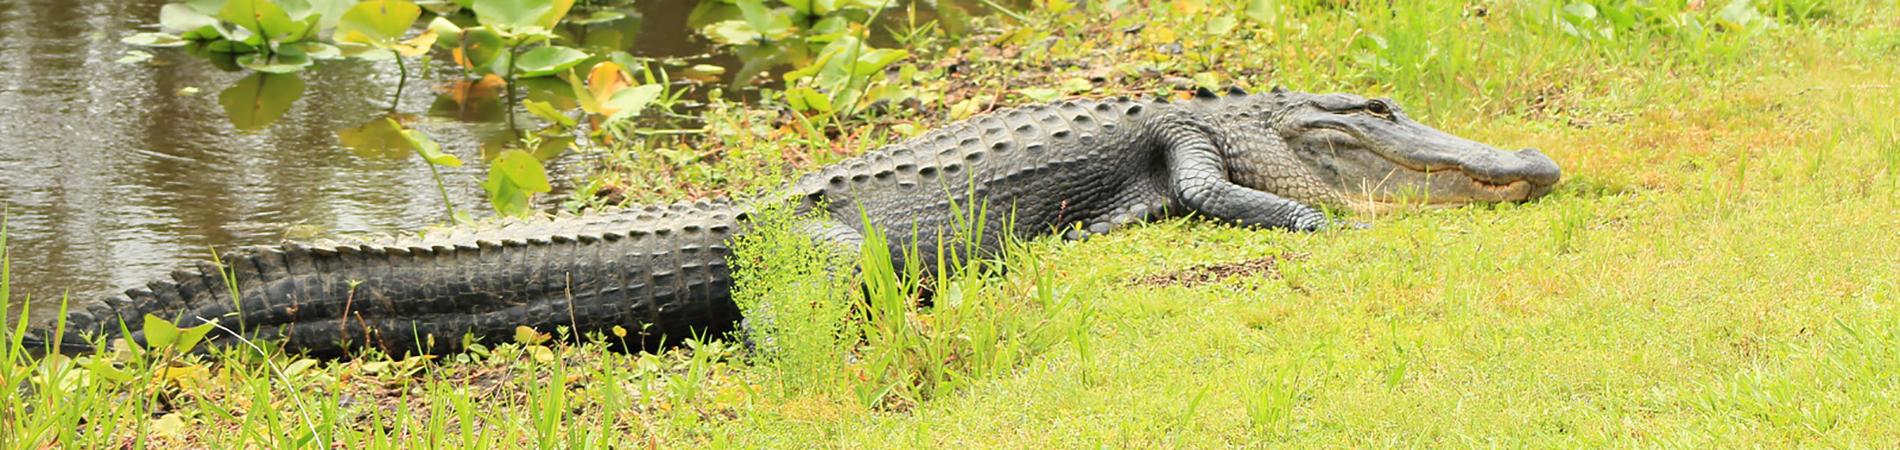 Alligator Information Resources